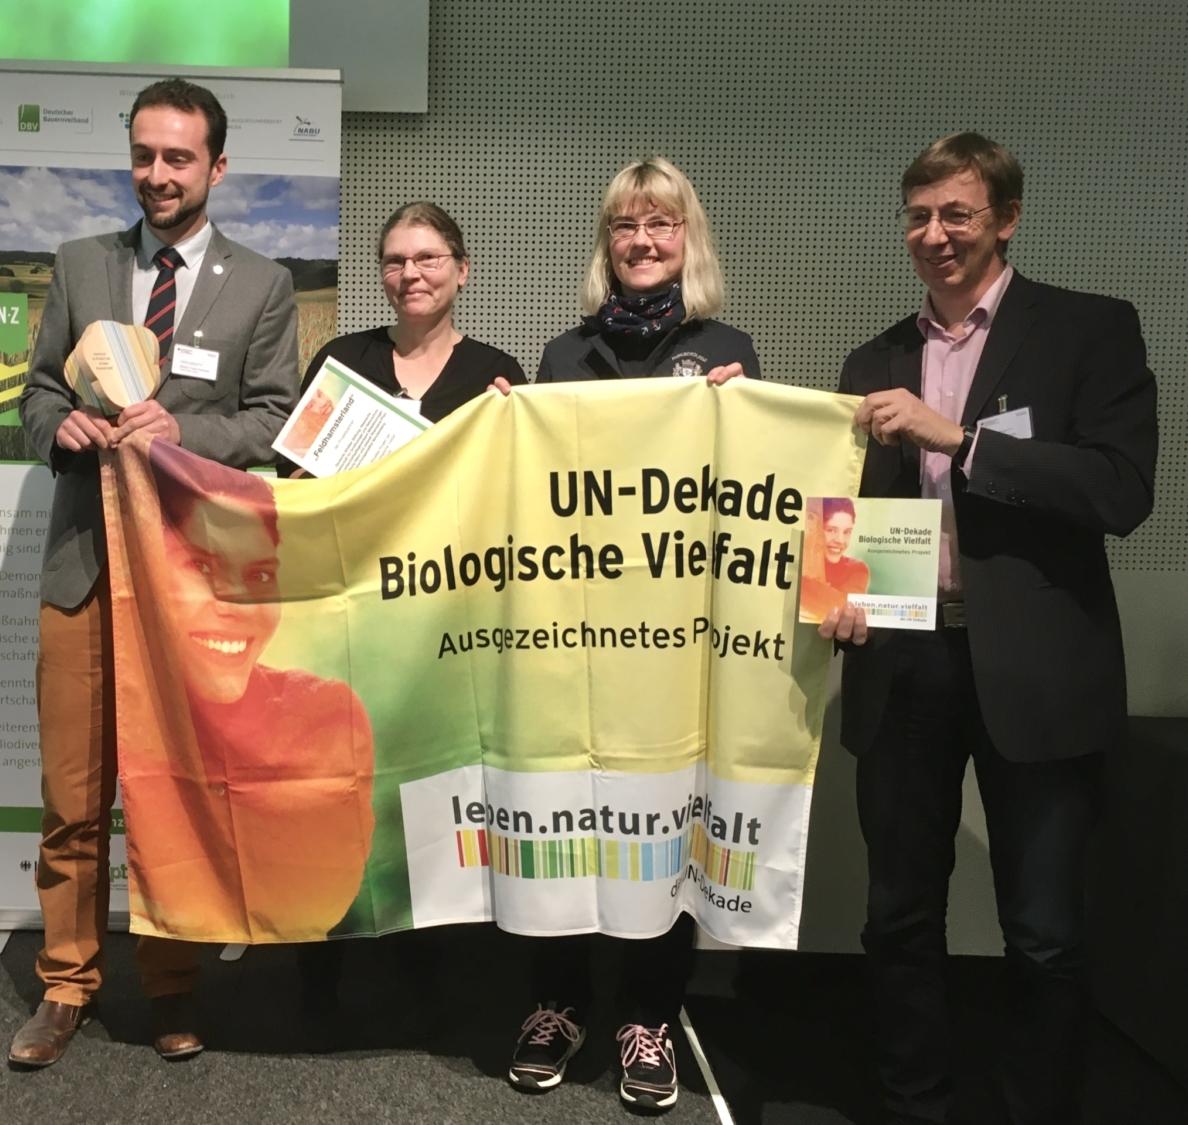 UN Dekade Biologische Vielfalt Preisverleihung